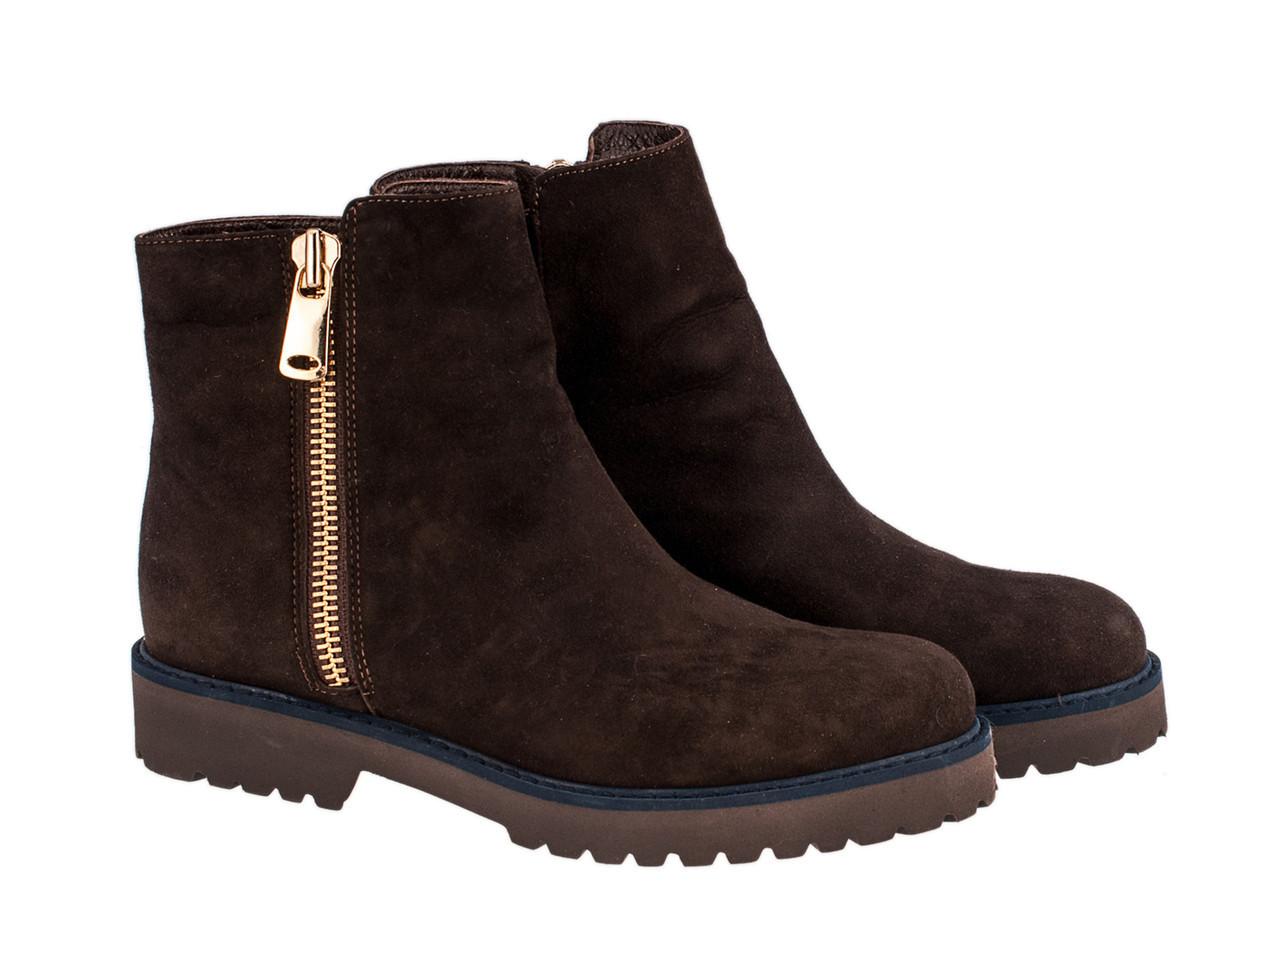 Ботинки Etor 5626-08421-1 39 коричневые